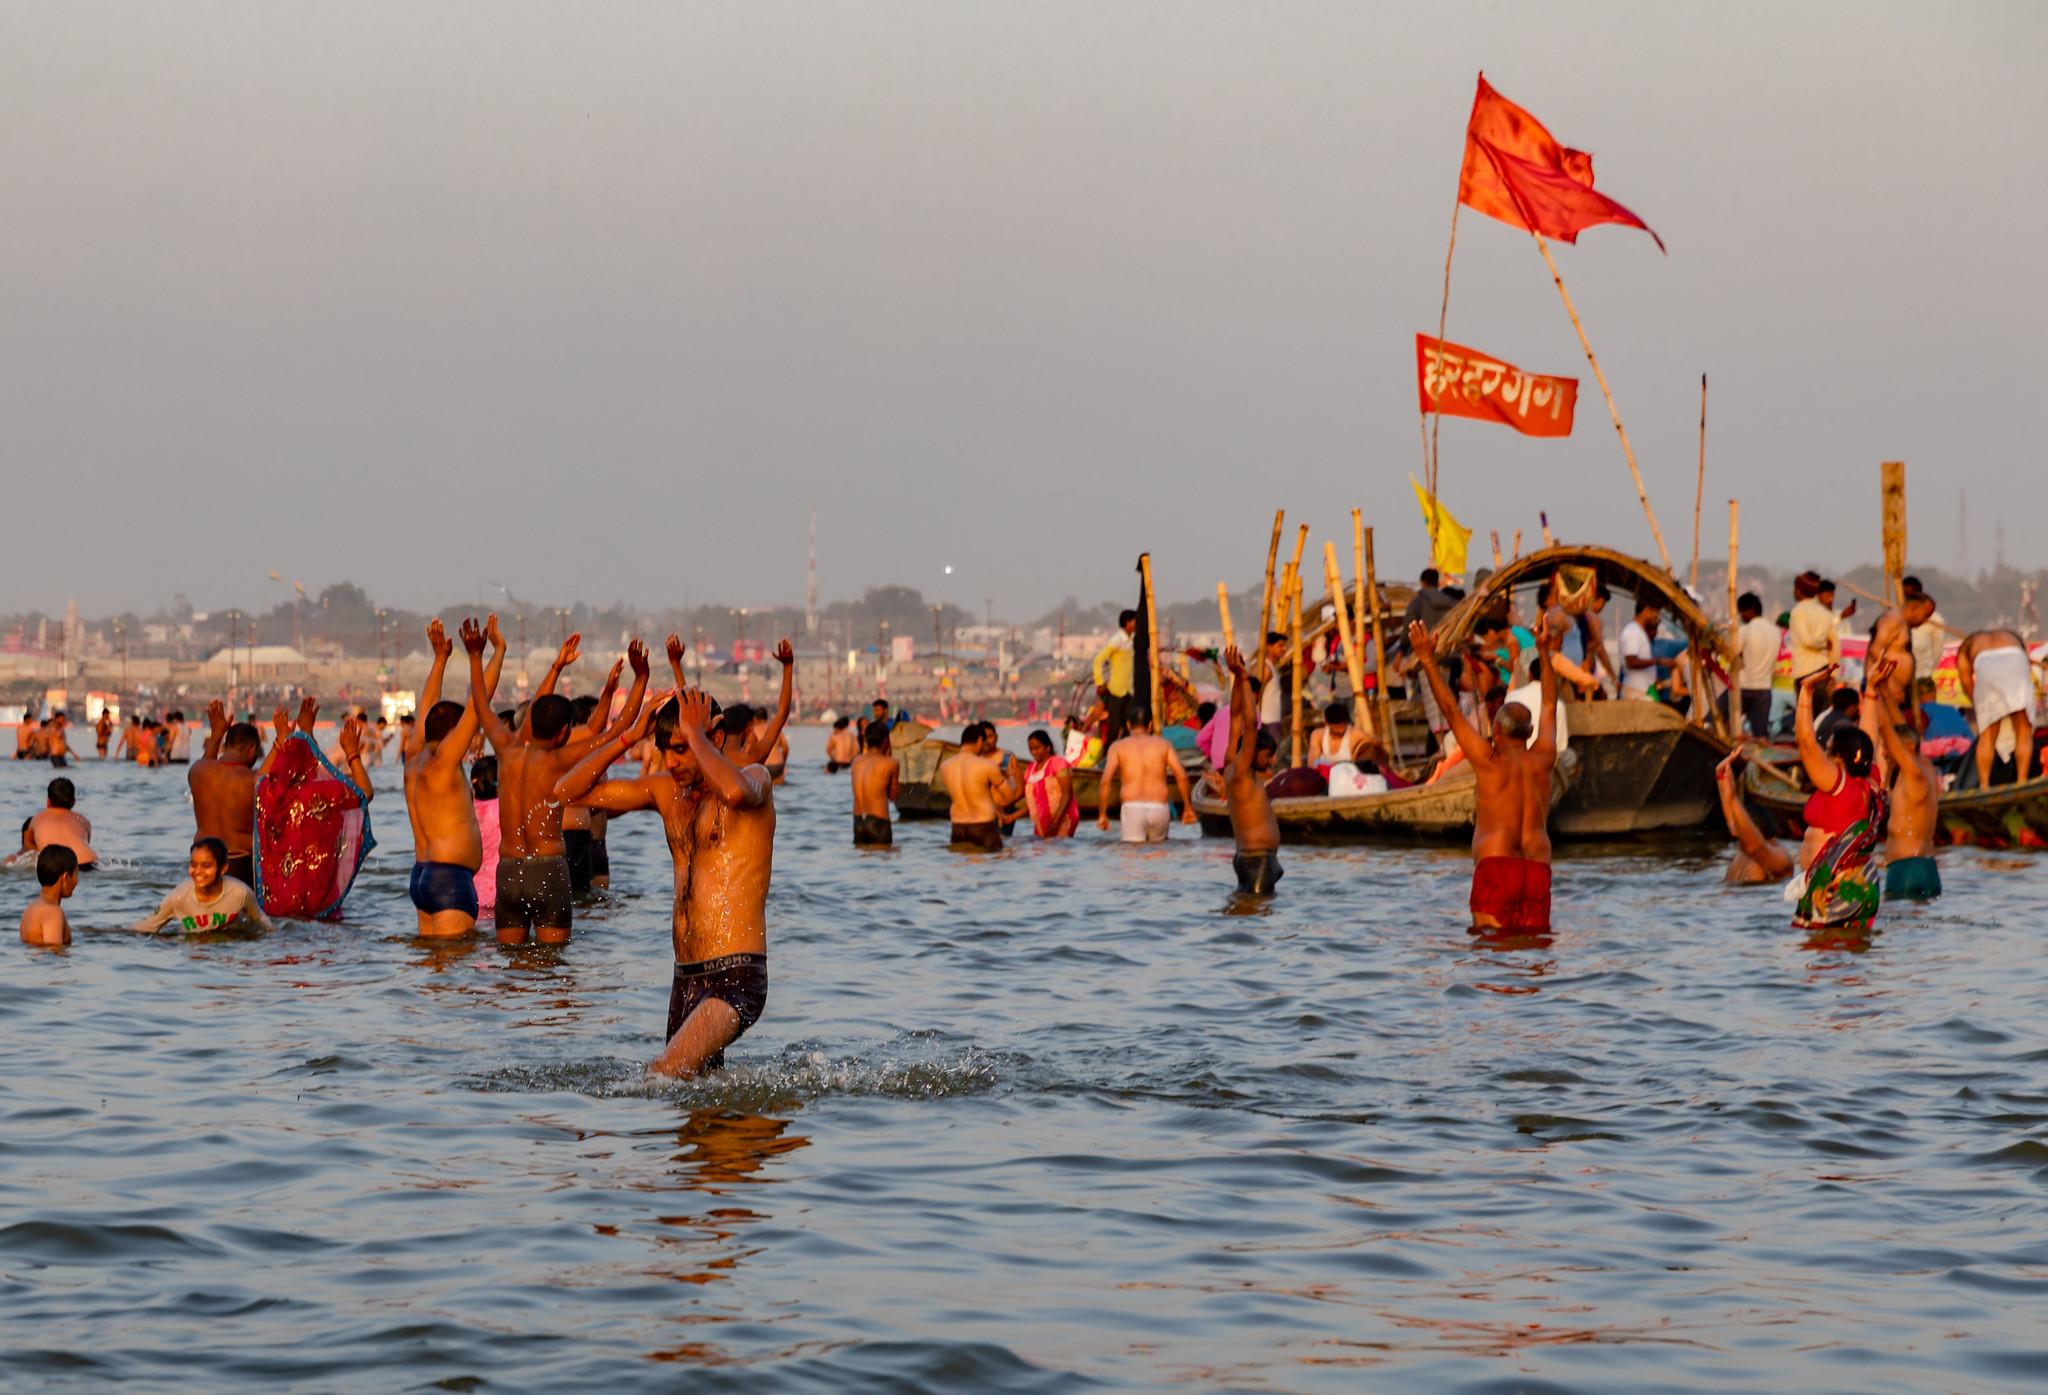 La foto mostra una folla di fedeli Indù immersi nelle acque del Gange. La maggior parte di essi, sono in acqua a torso nudo, mentre sullo sfondo, una barca stracolma di persone e con due bandiere rosse icon alcune scritte in sanscrito attraversa il fiume